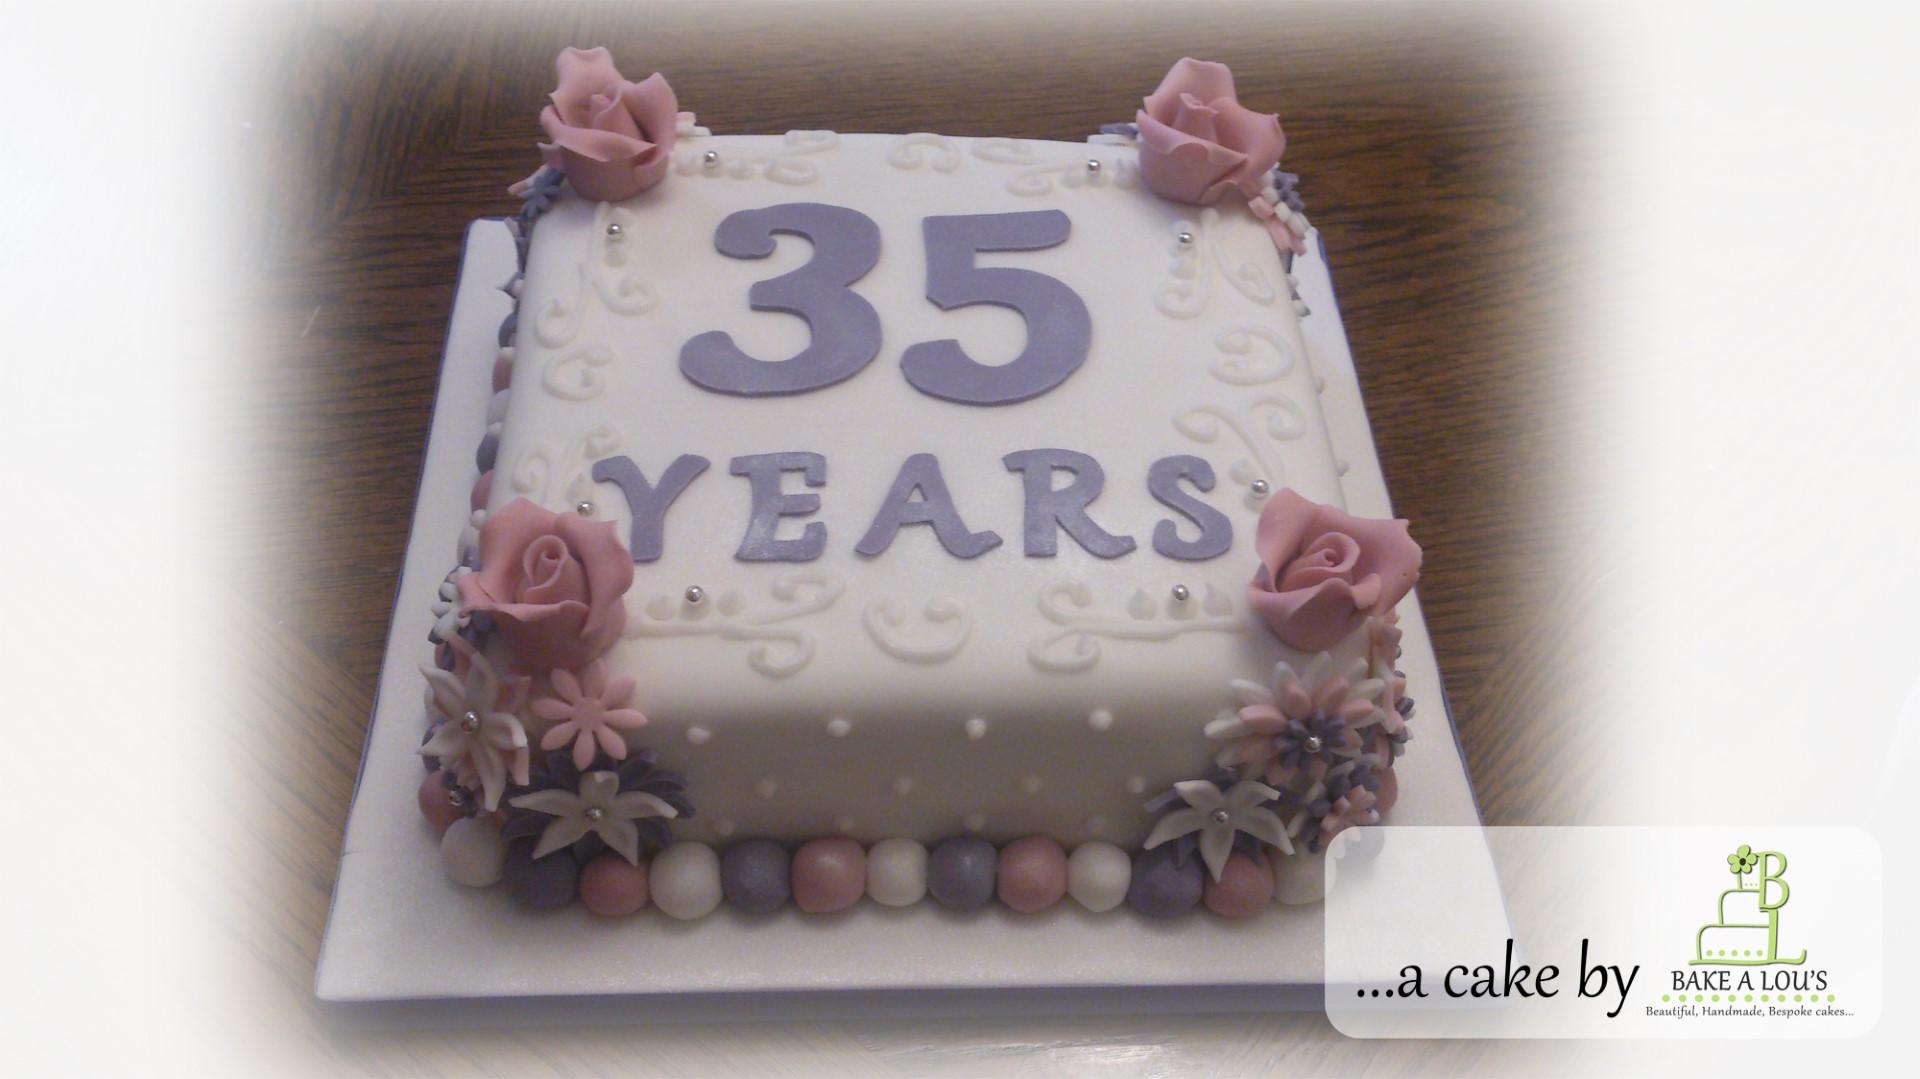 35 Years Wedding Anniversary Cake